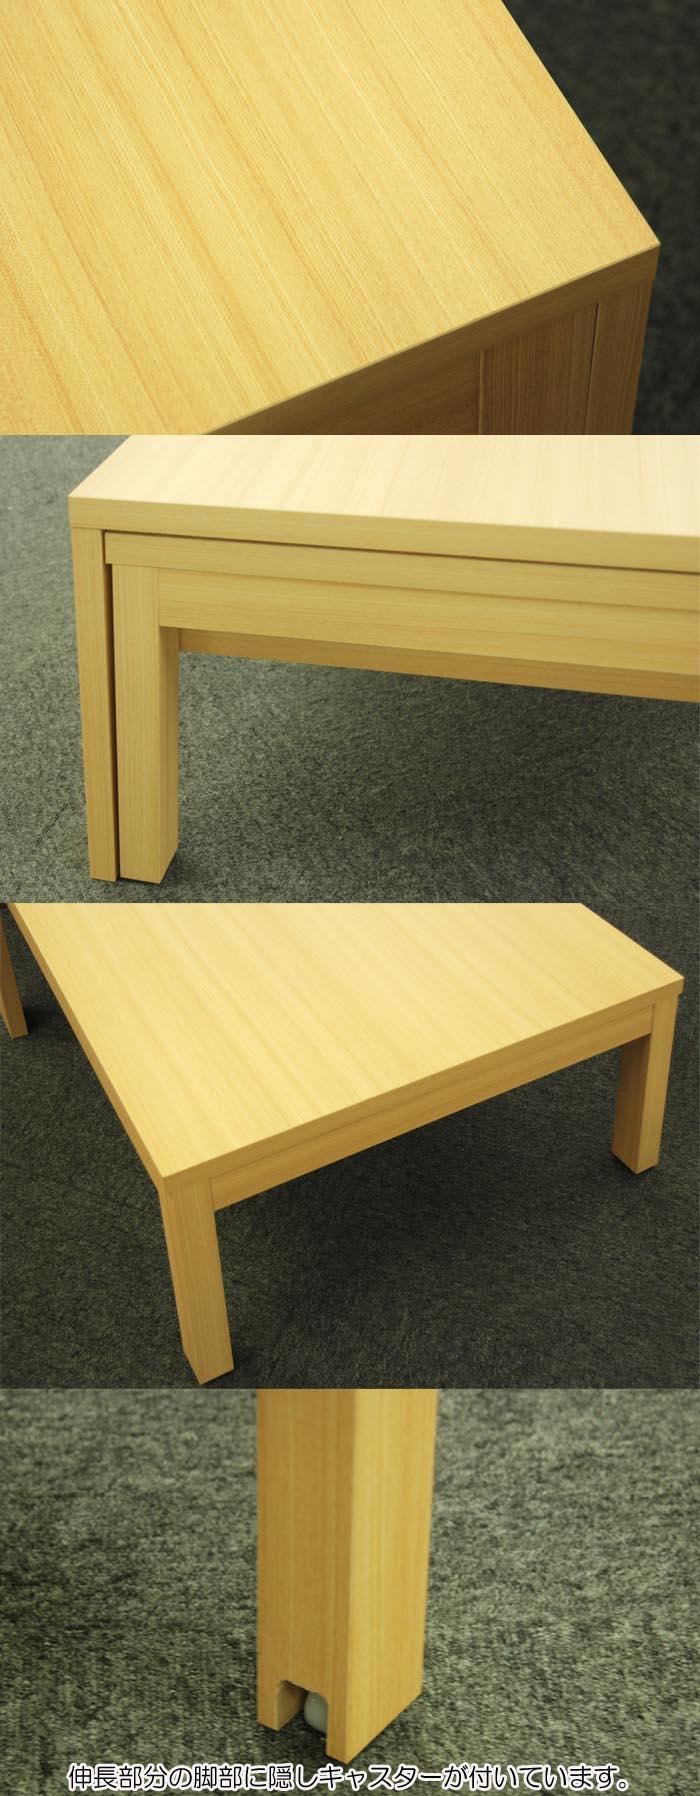 柾目の伸びるテーブル